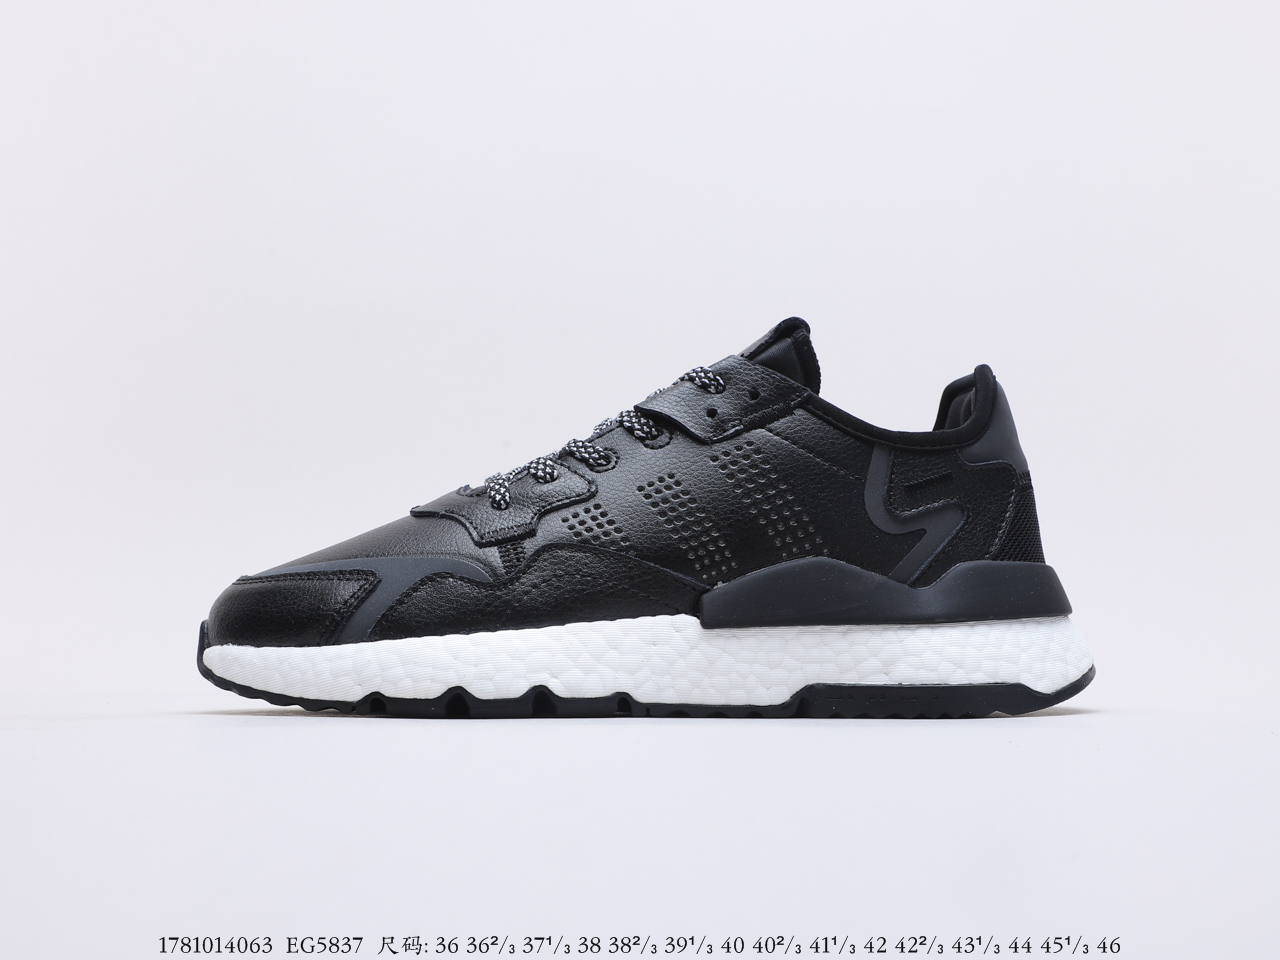 阿迪达斯 Adidas Nite Jogger 2019 Boost 碳黑三叶草 联名夜行者